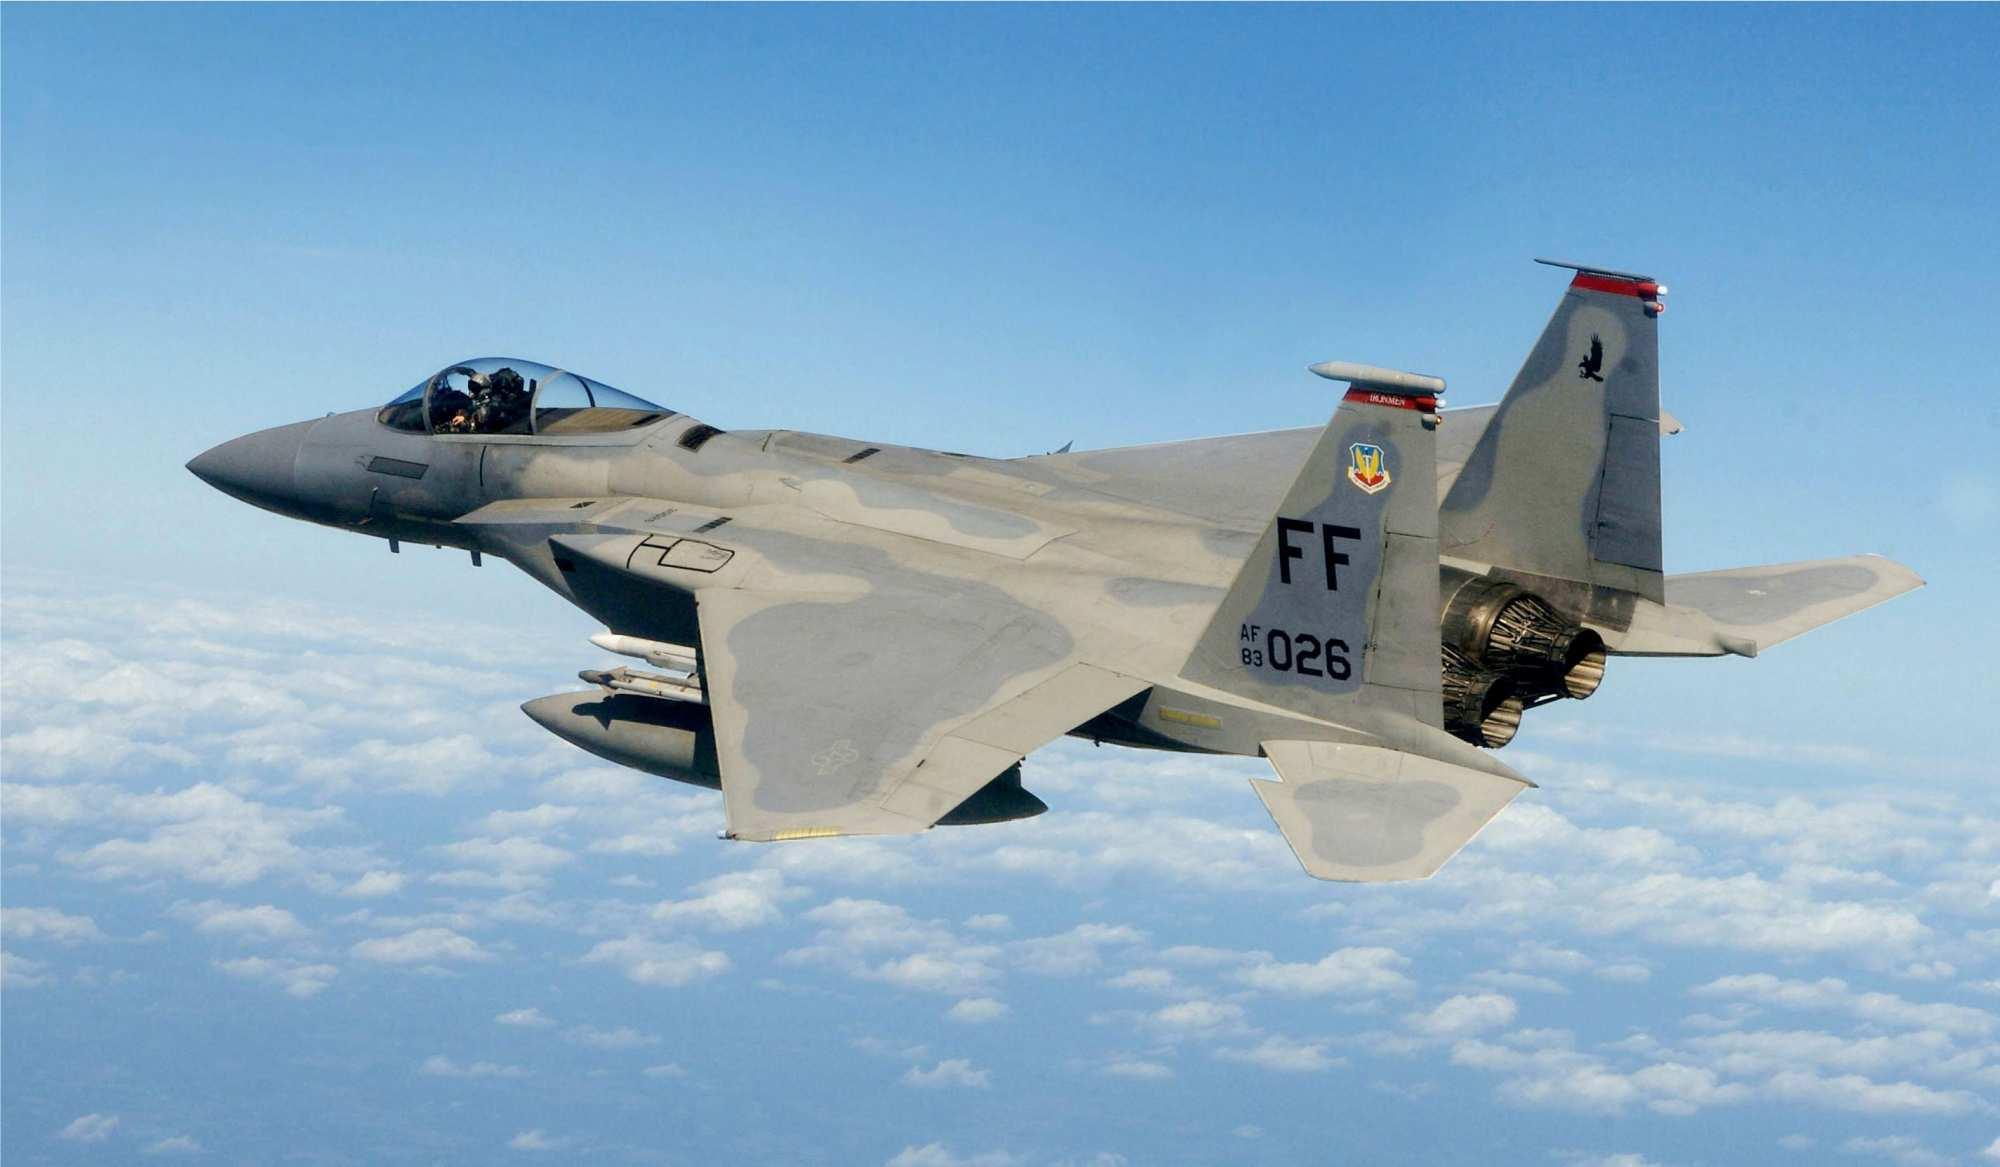 Шесть самолетов F-15 ВВС США прибыли в Турцию для операции против ИГИЛ | Русская весна